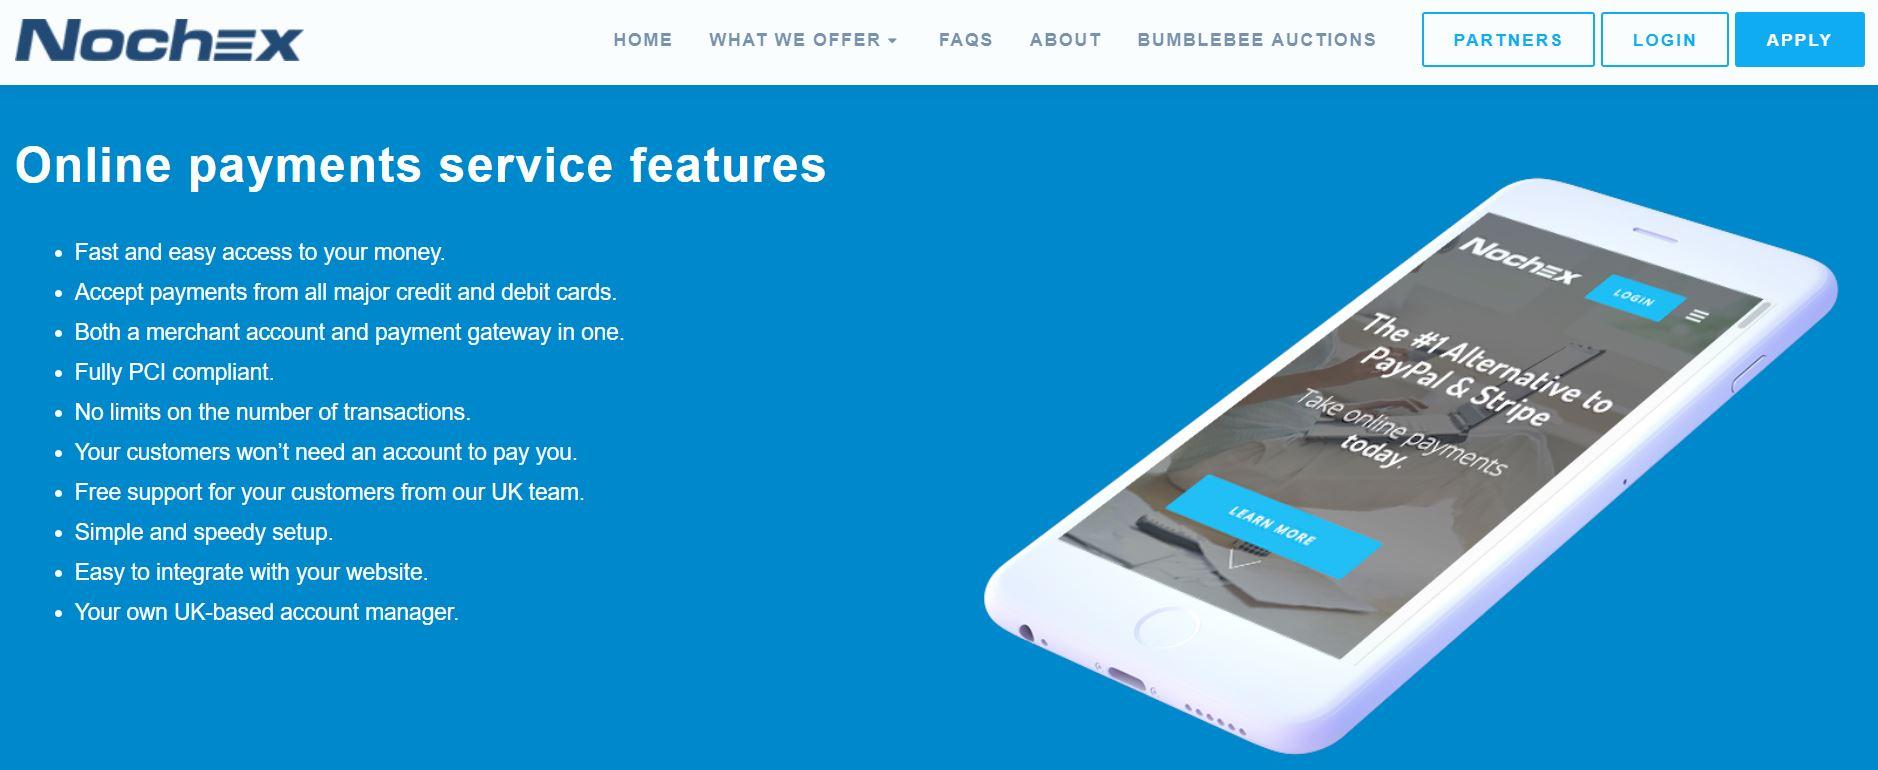 Screenshot of Nochex website